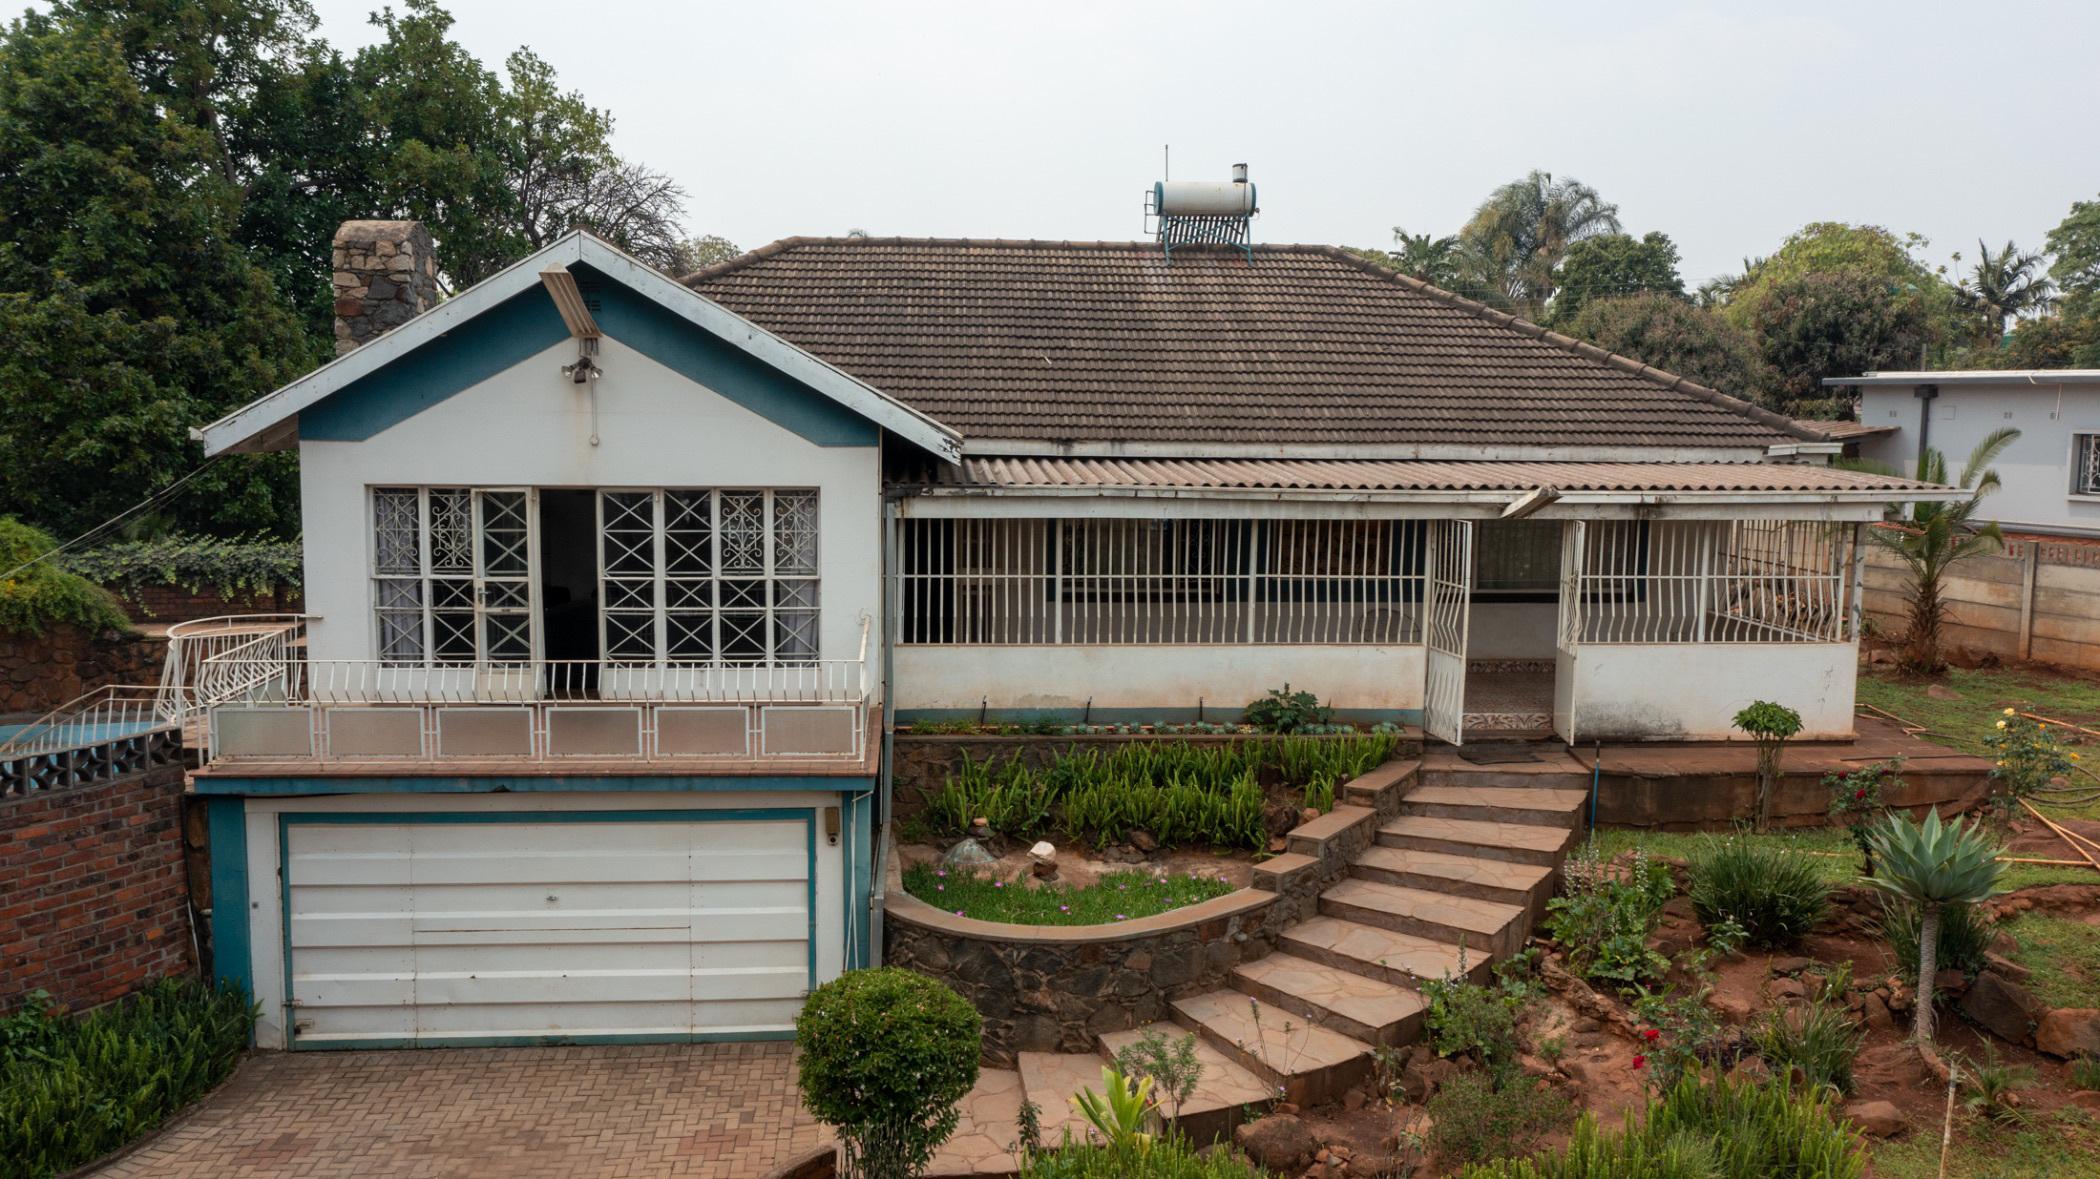 4 bedroom house for sale in Belvedere (Zimbabwe)